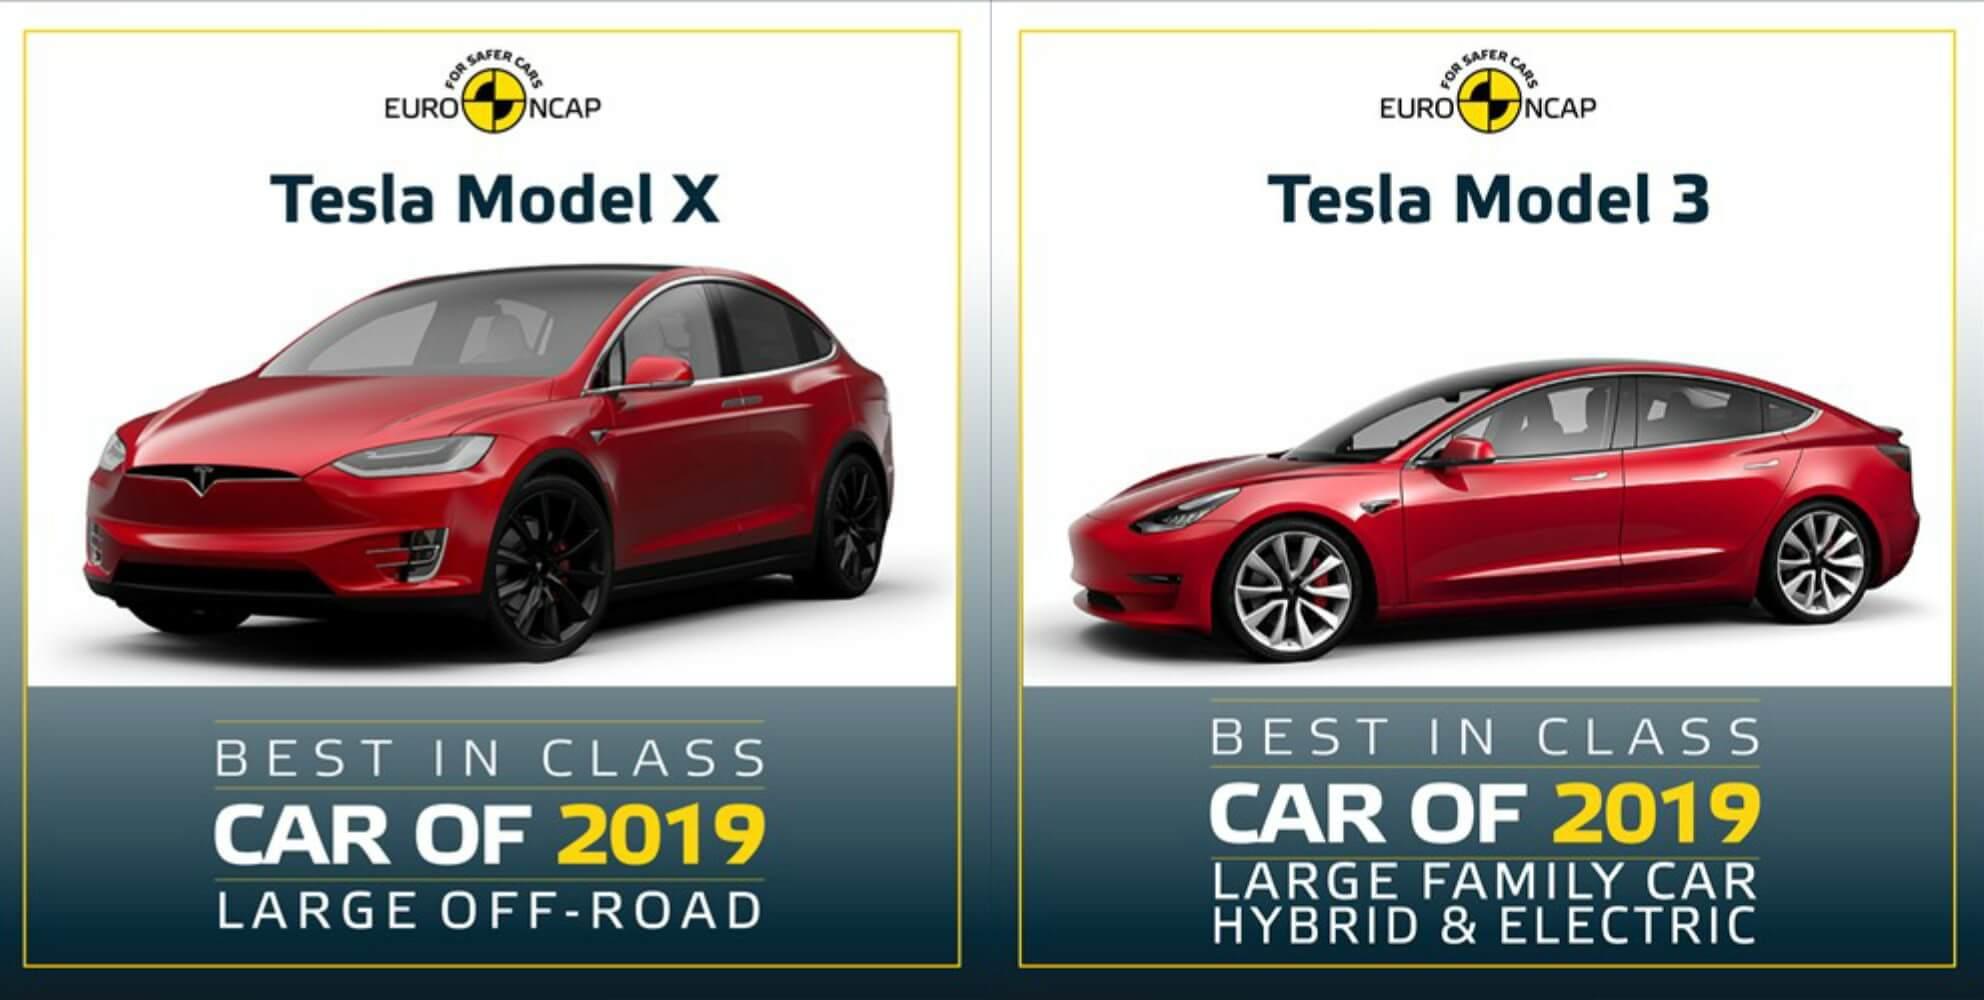 2 модели Tesla вошли в рейтинг самых безопасных авто 2019 от Euro NCAP